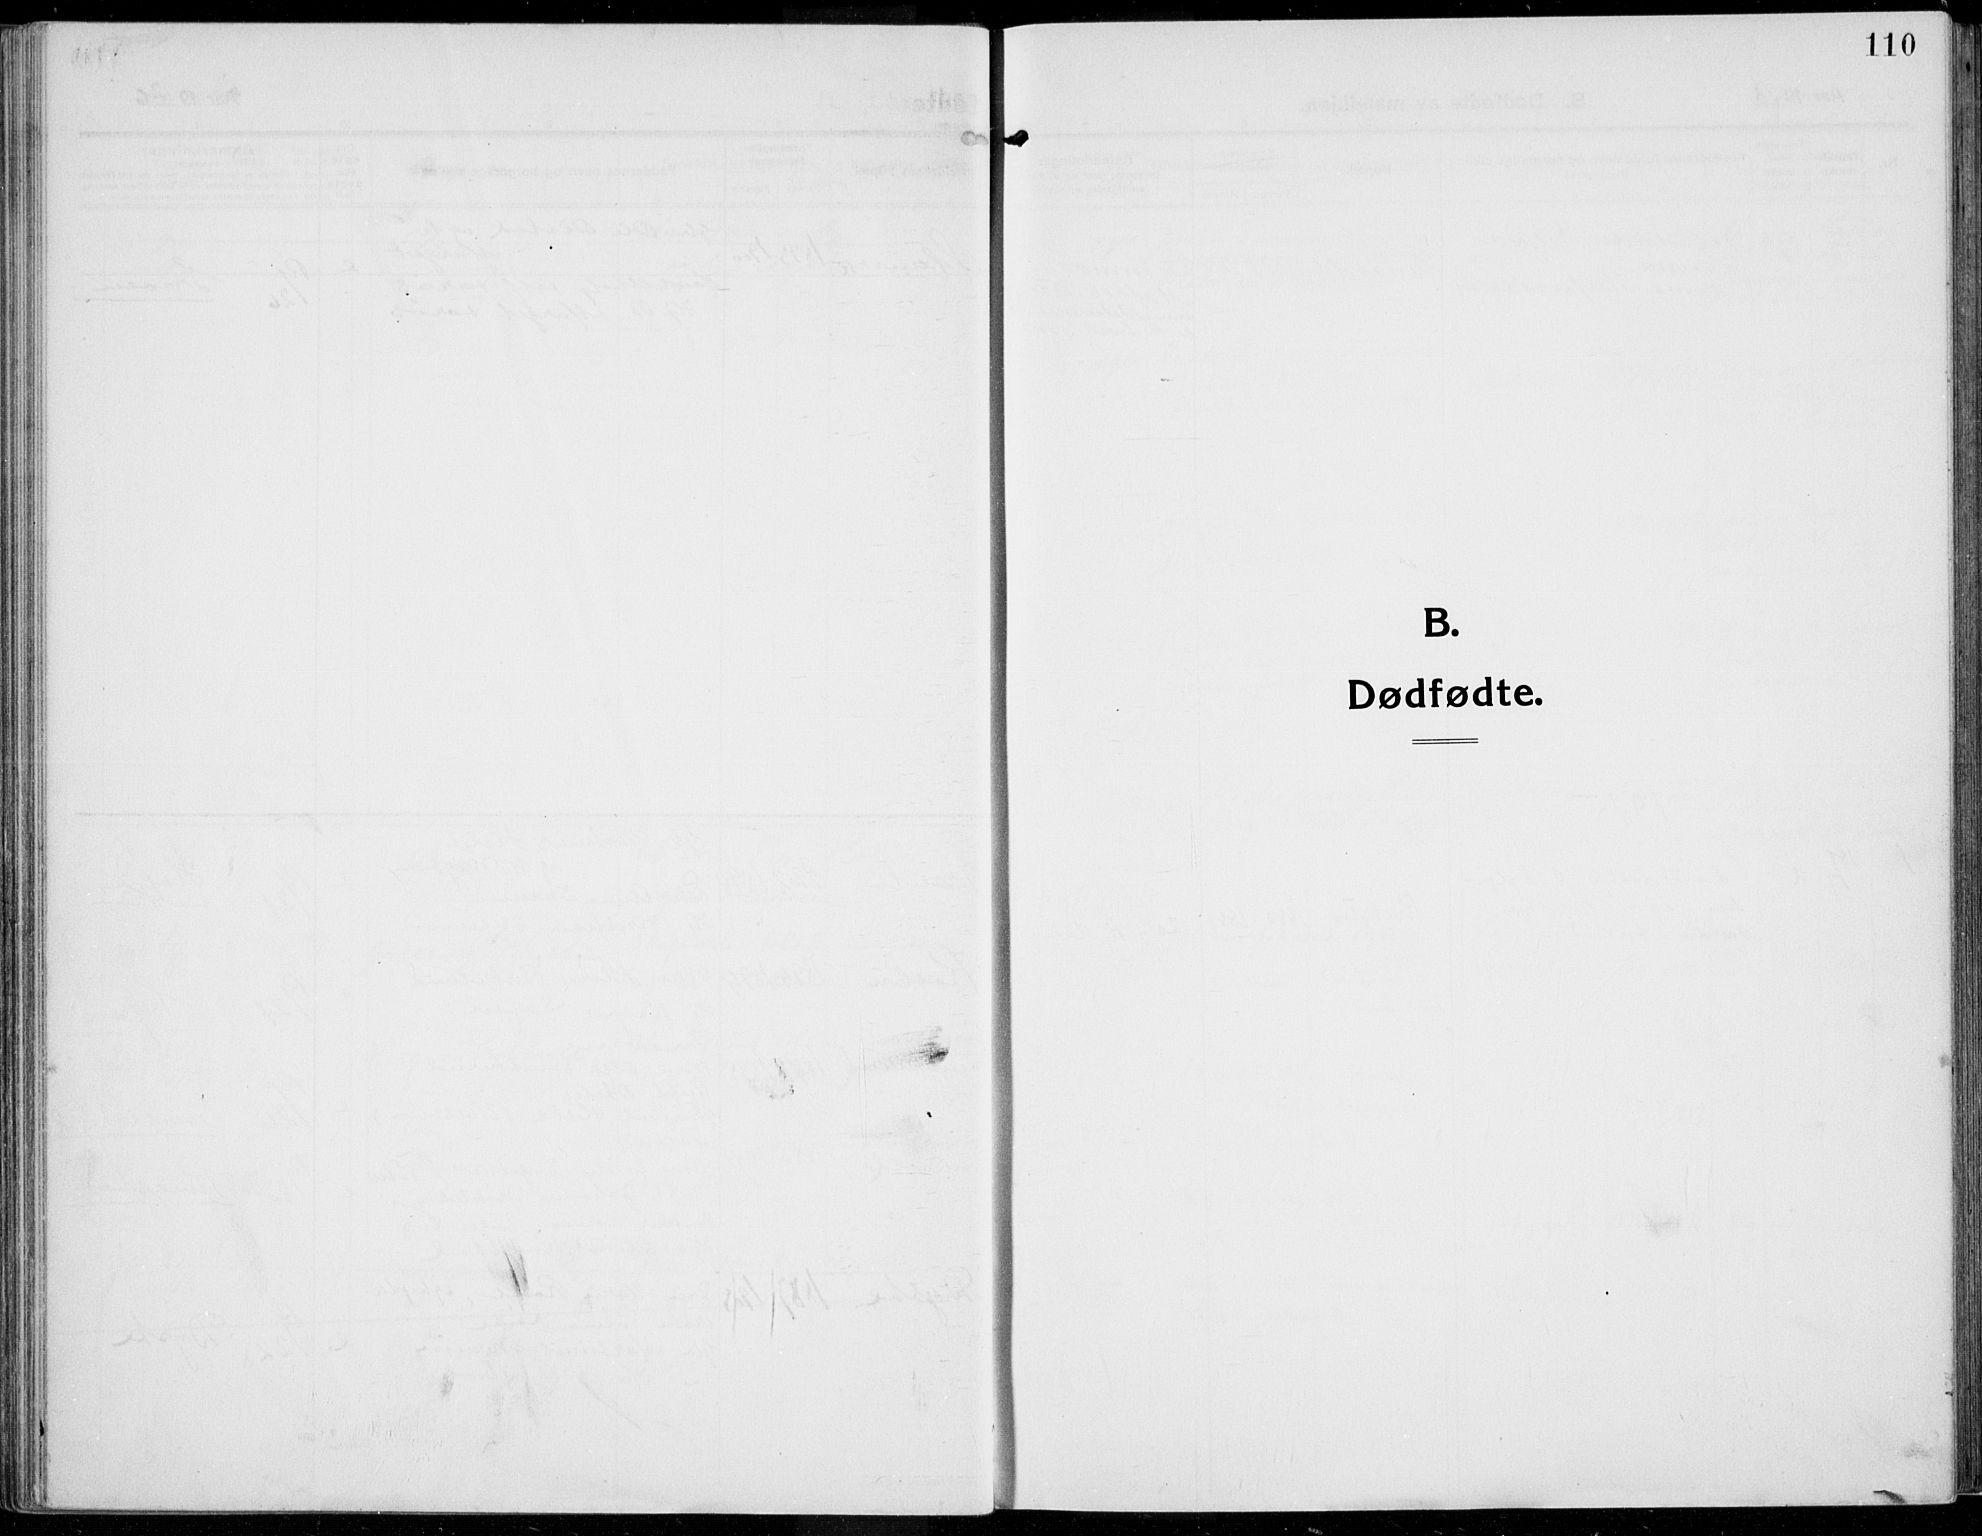 SAH, Kolbu prestekontor, Ministerialbok nr. 2, 1912-1926, s. 110